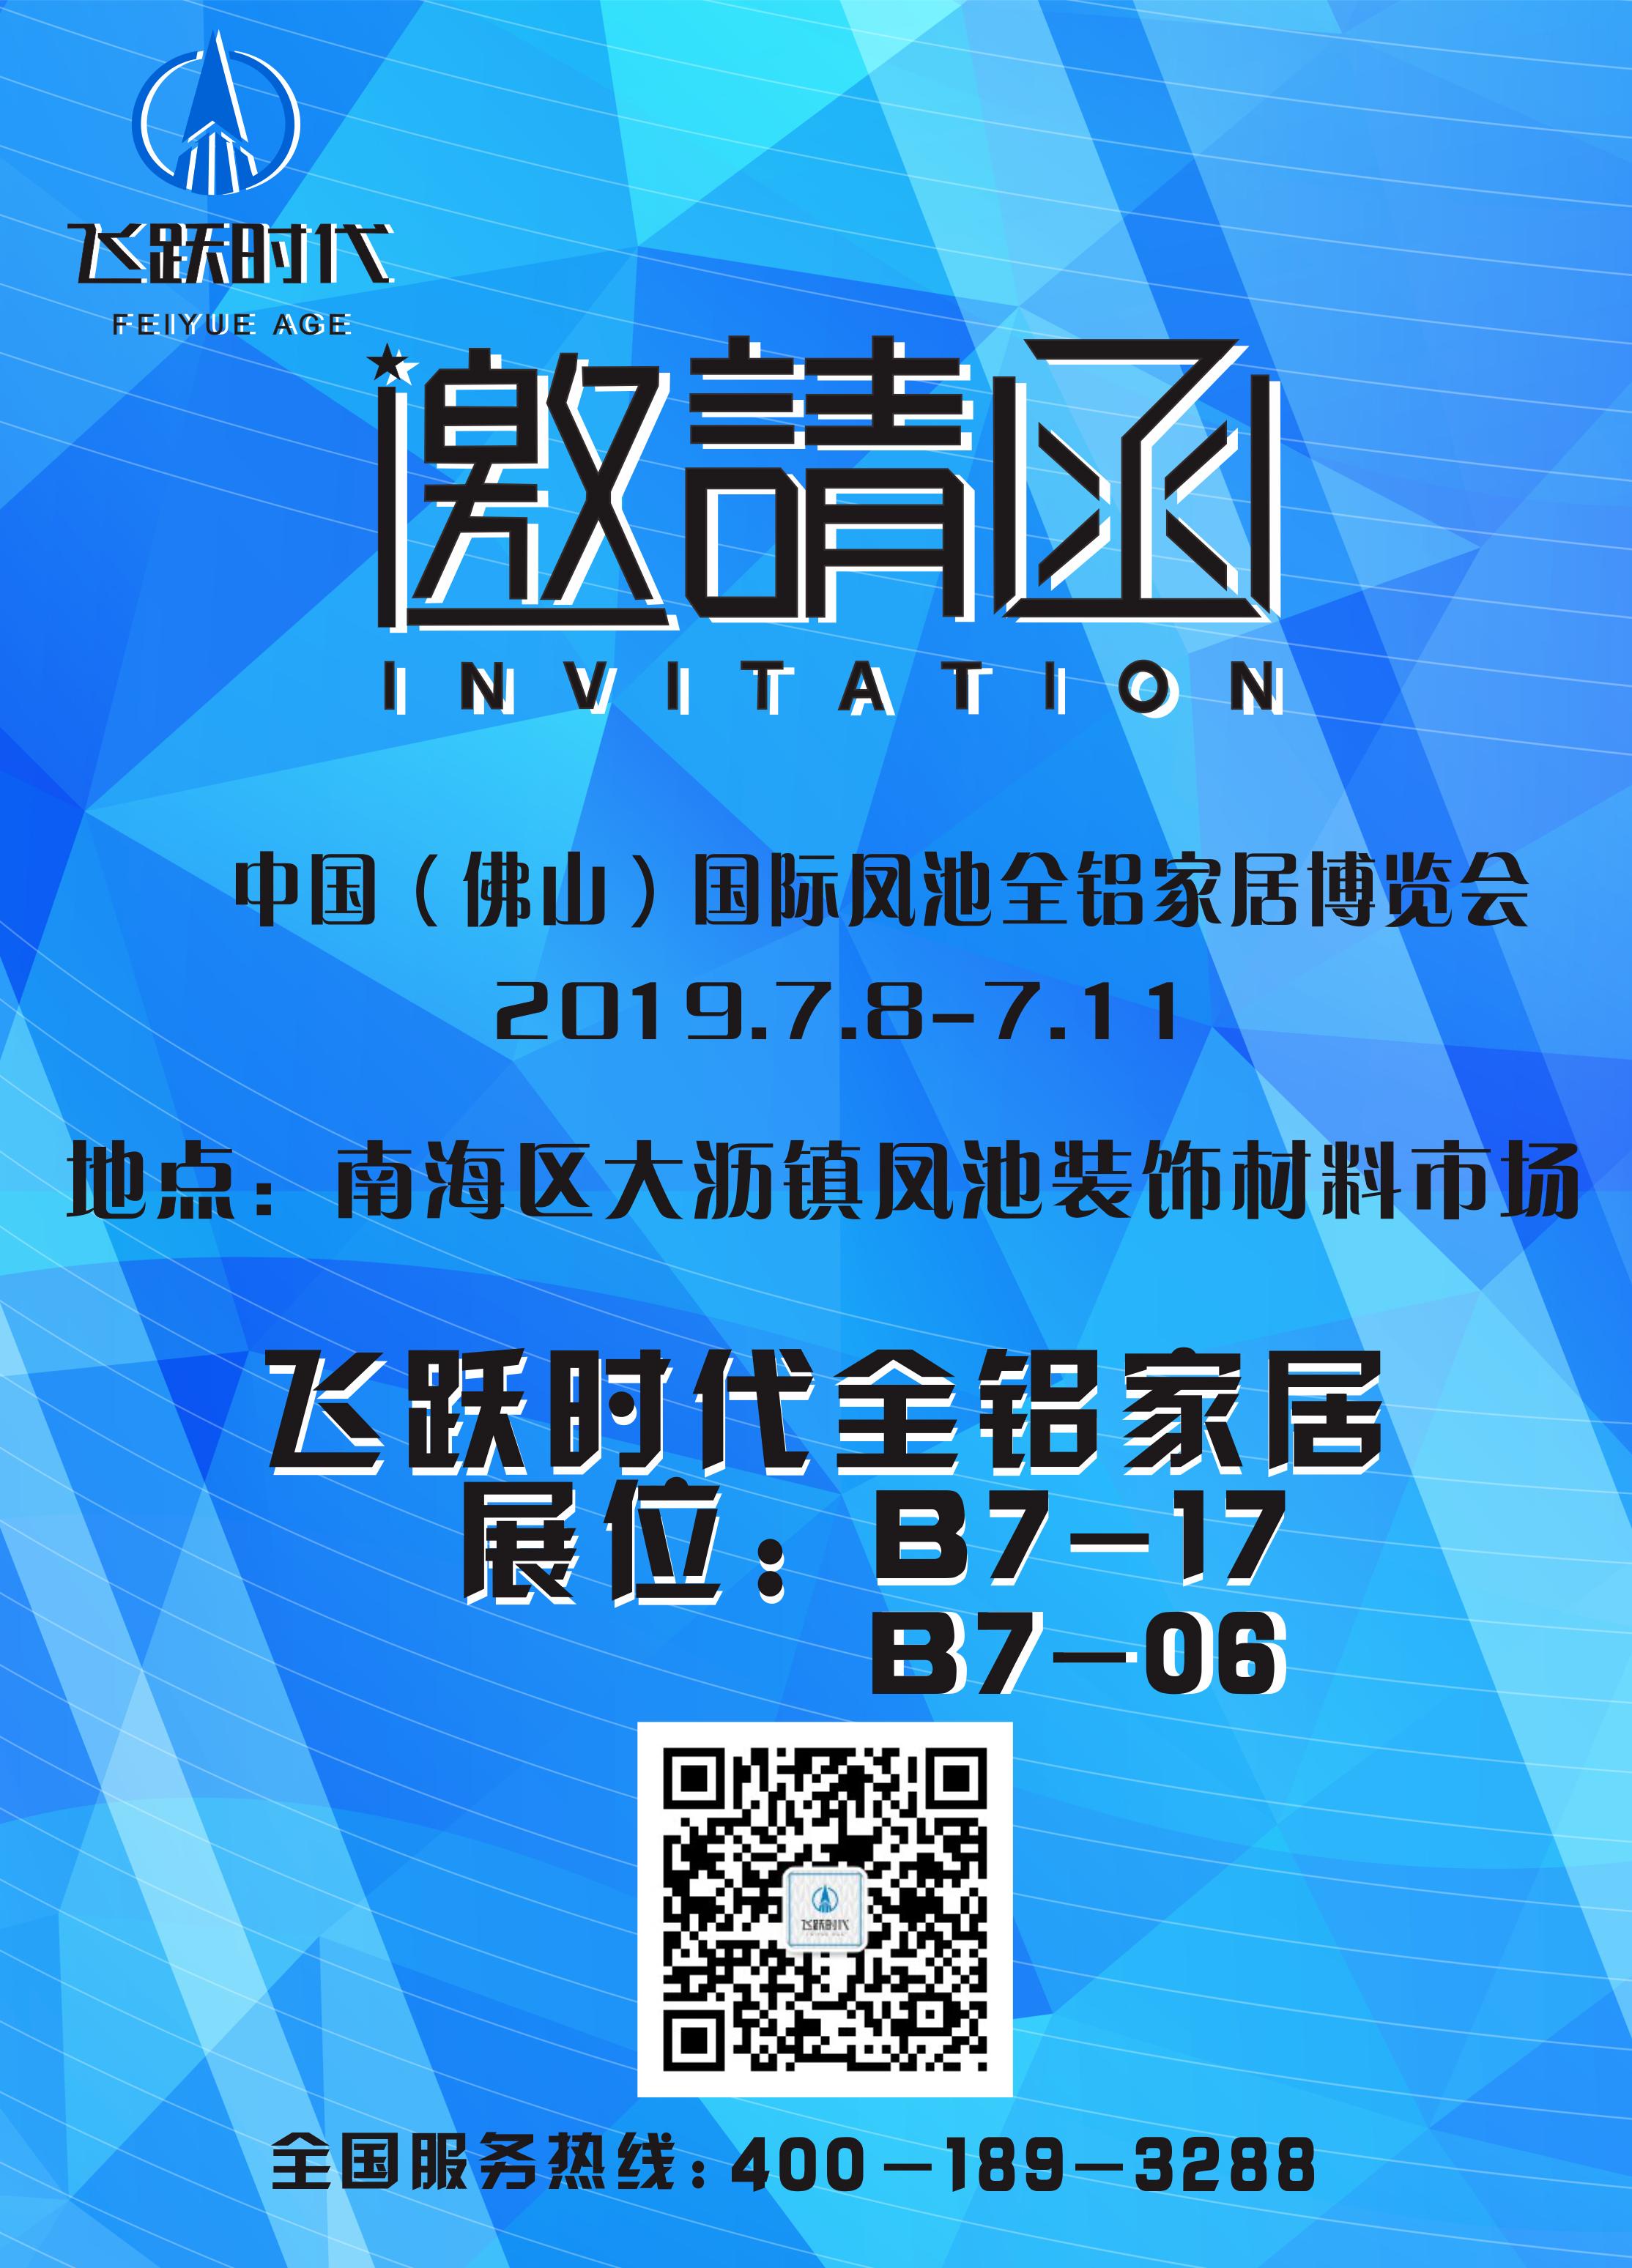 2019年7月8-11中国(佛山)全部凤池全铝家居博览会,邀请您参加.jpg